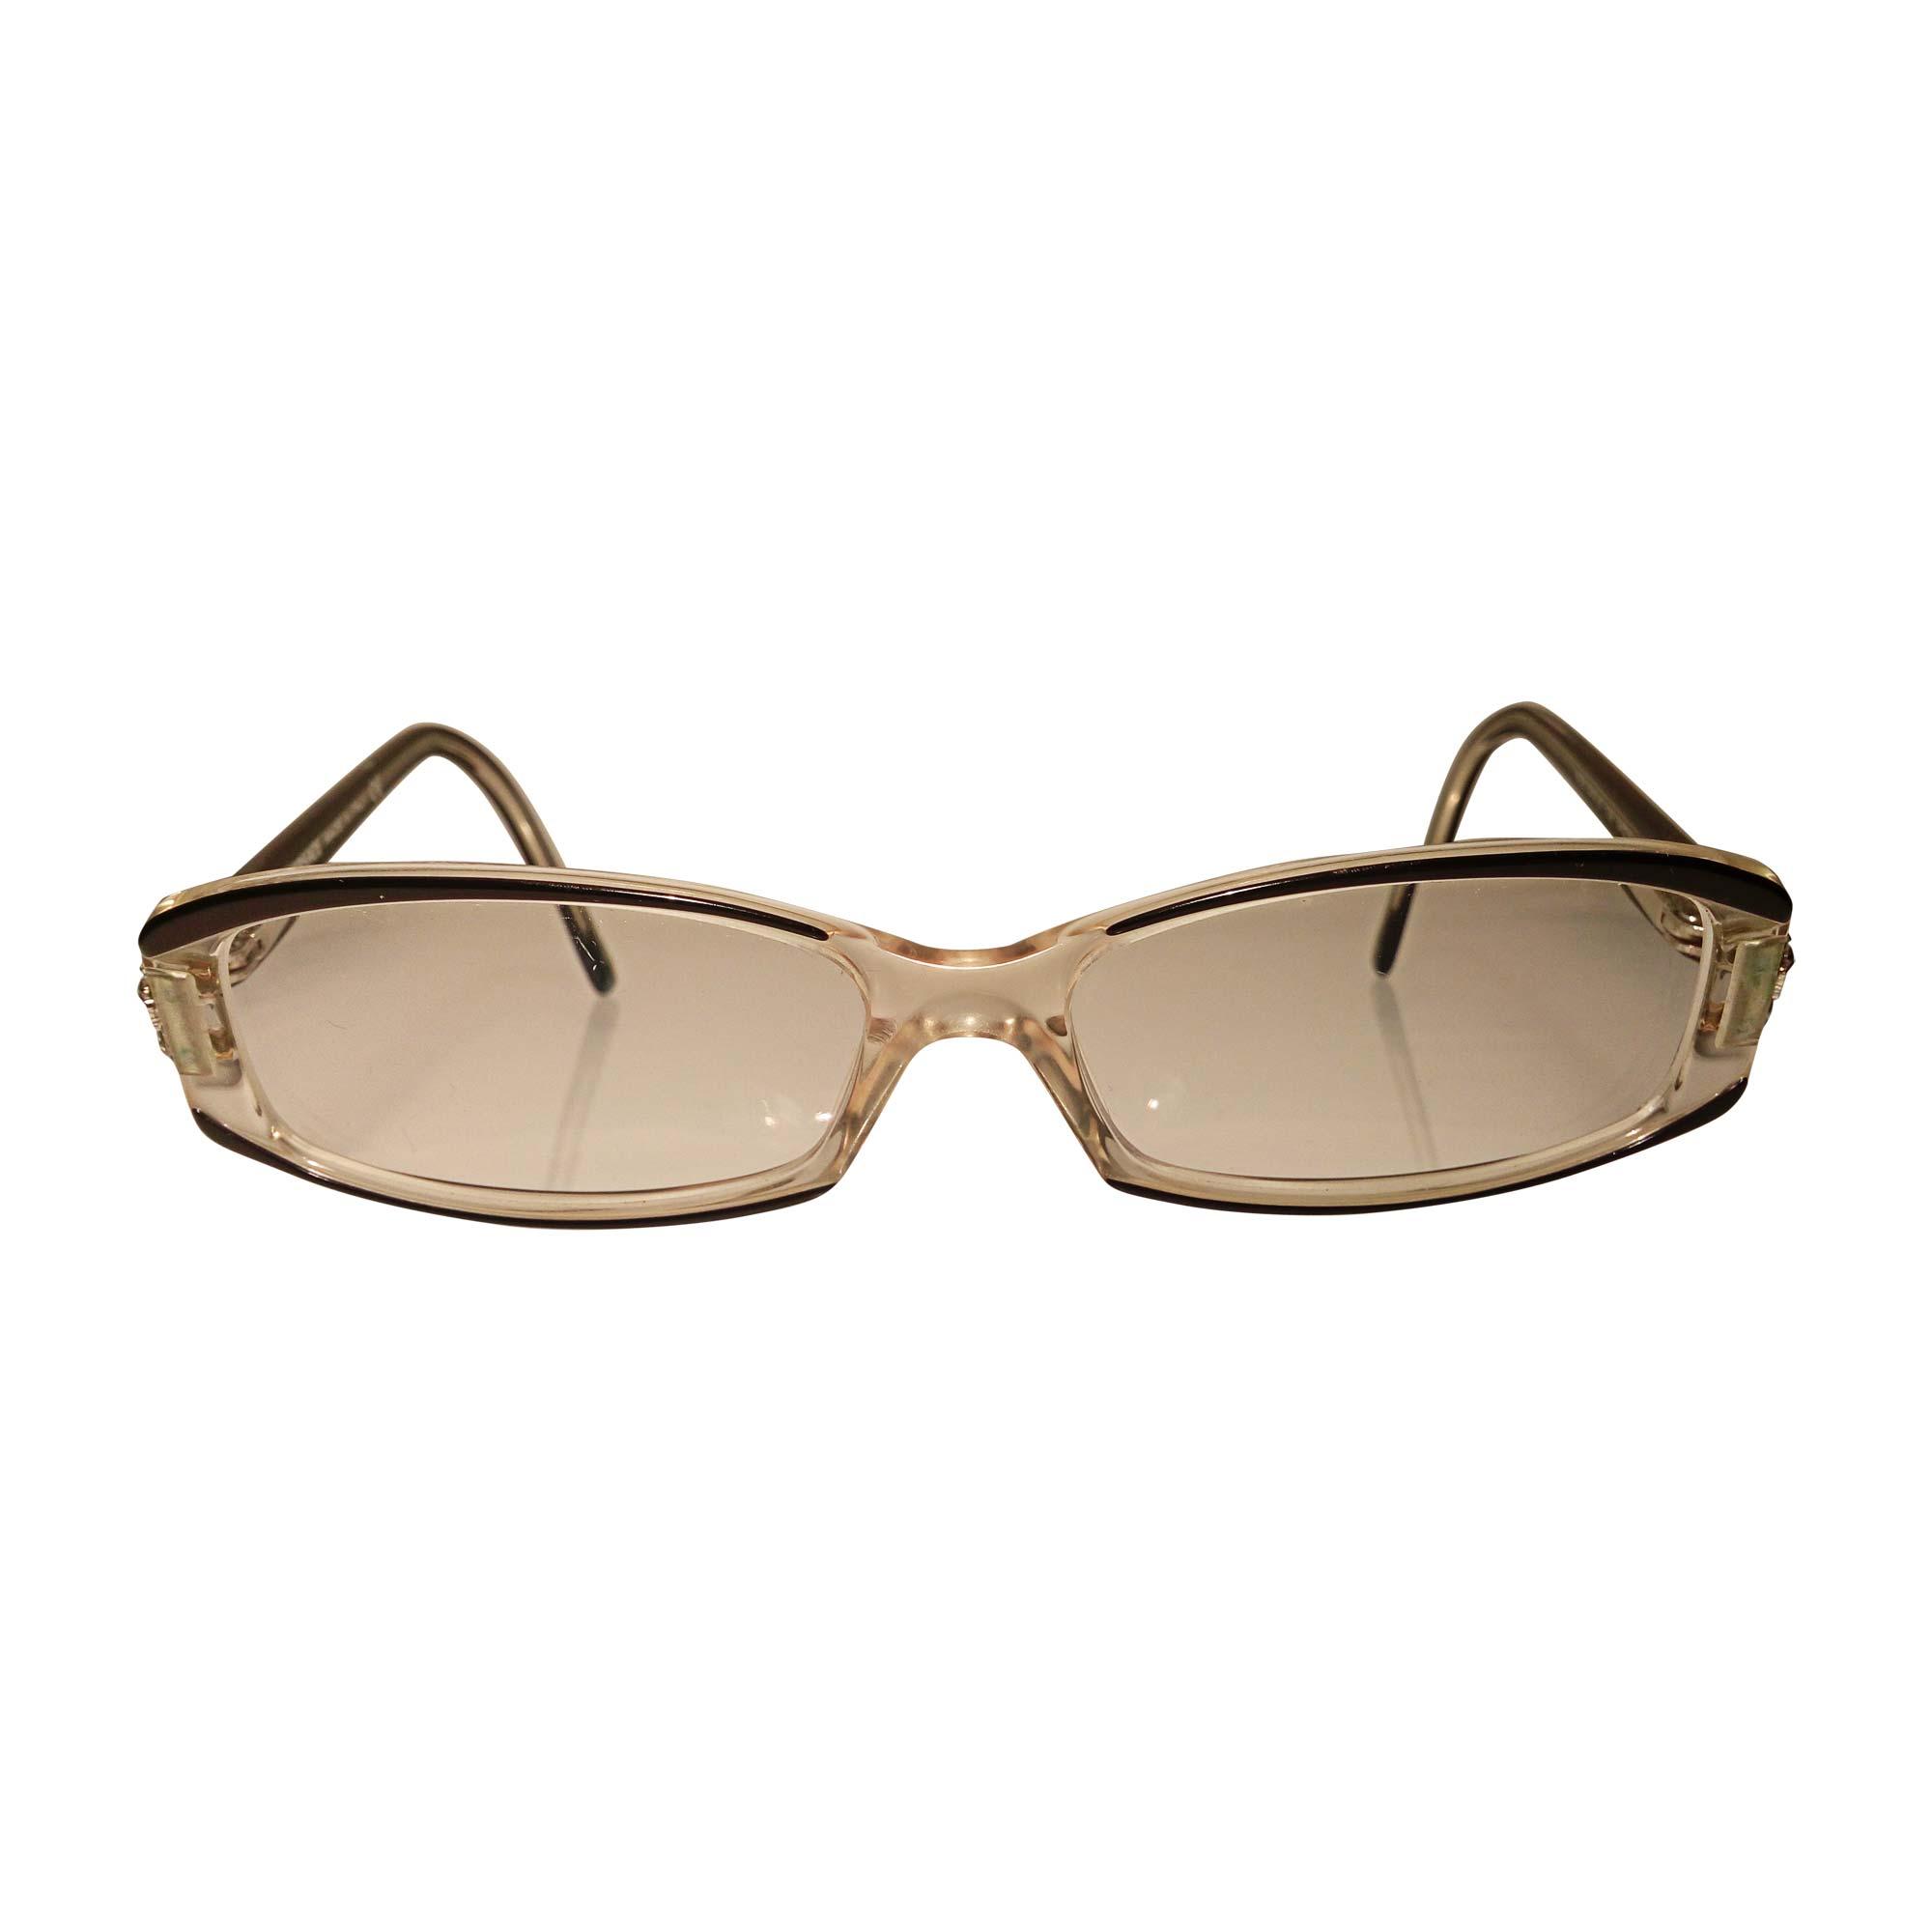 Monture de lunettes VERSACE noir et transparent